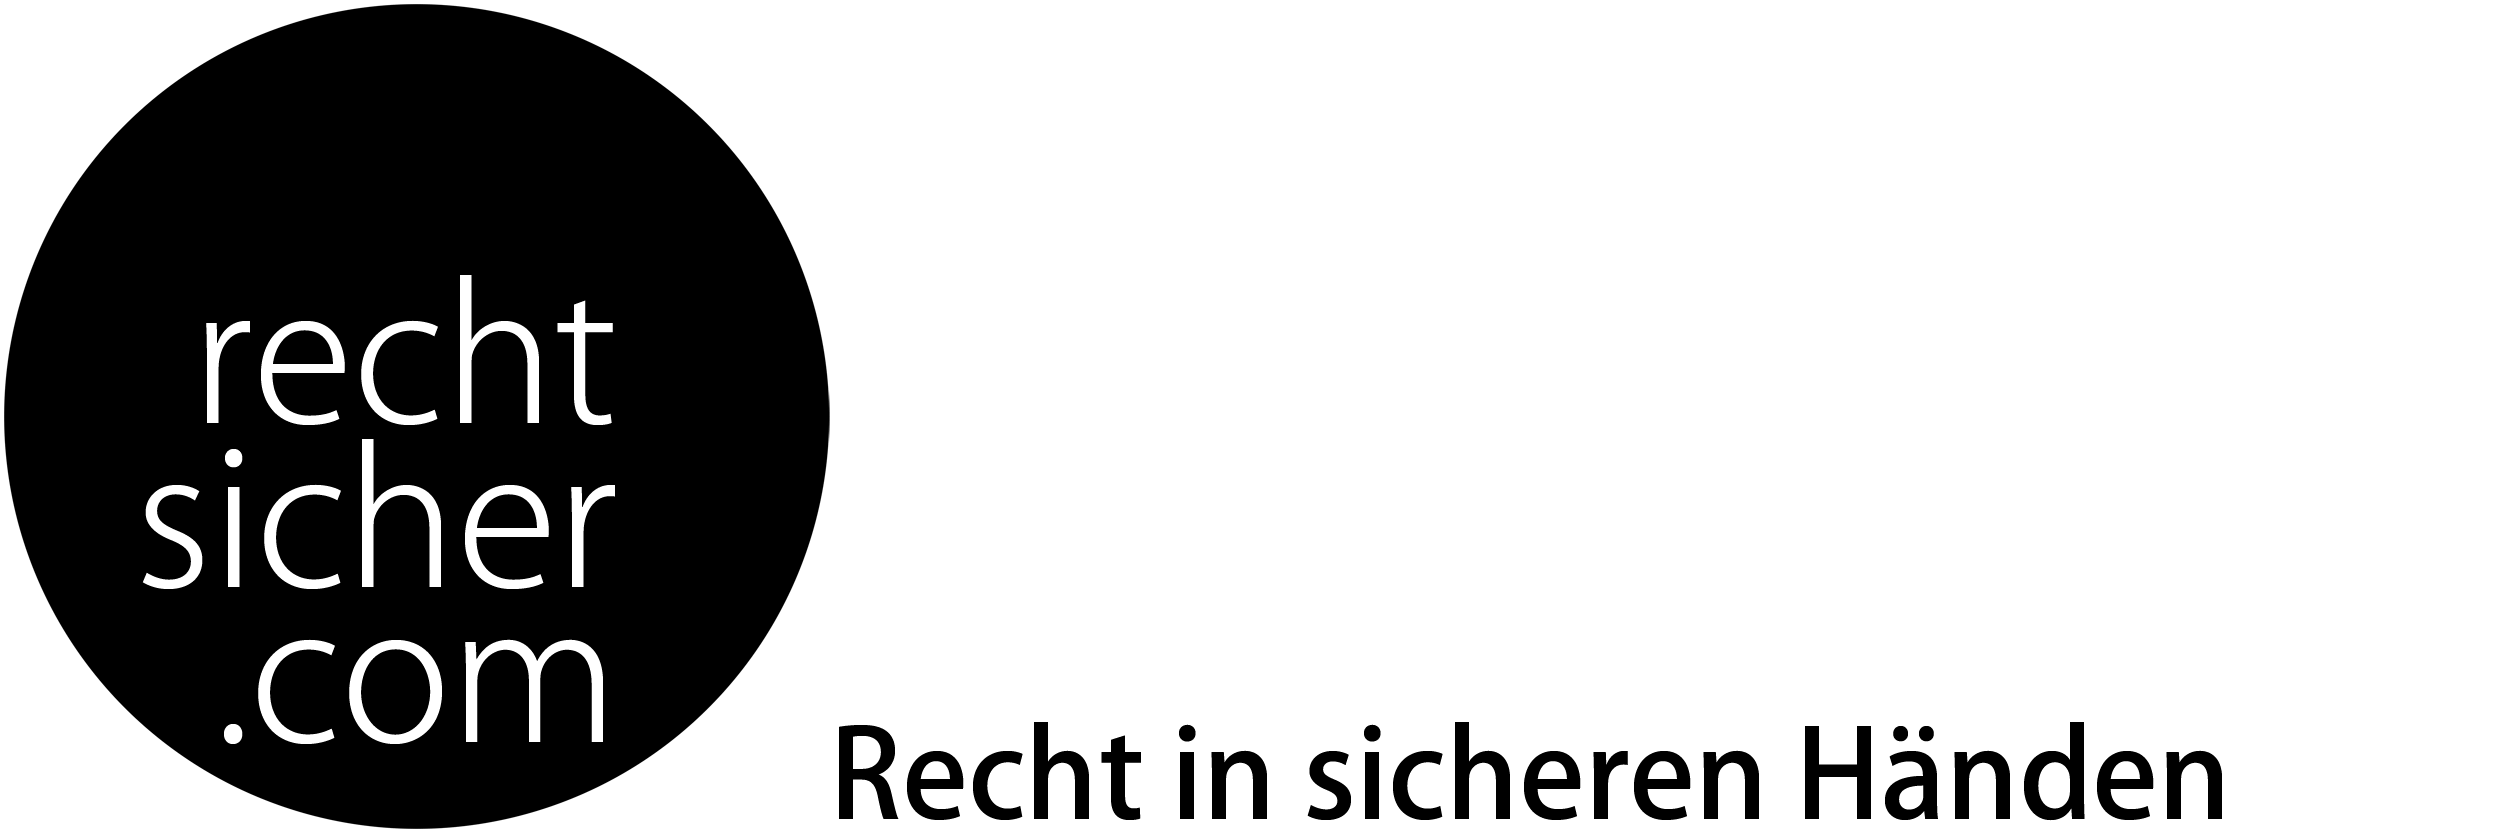 www.rechtsicher.com